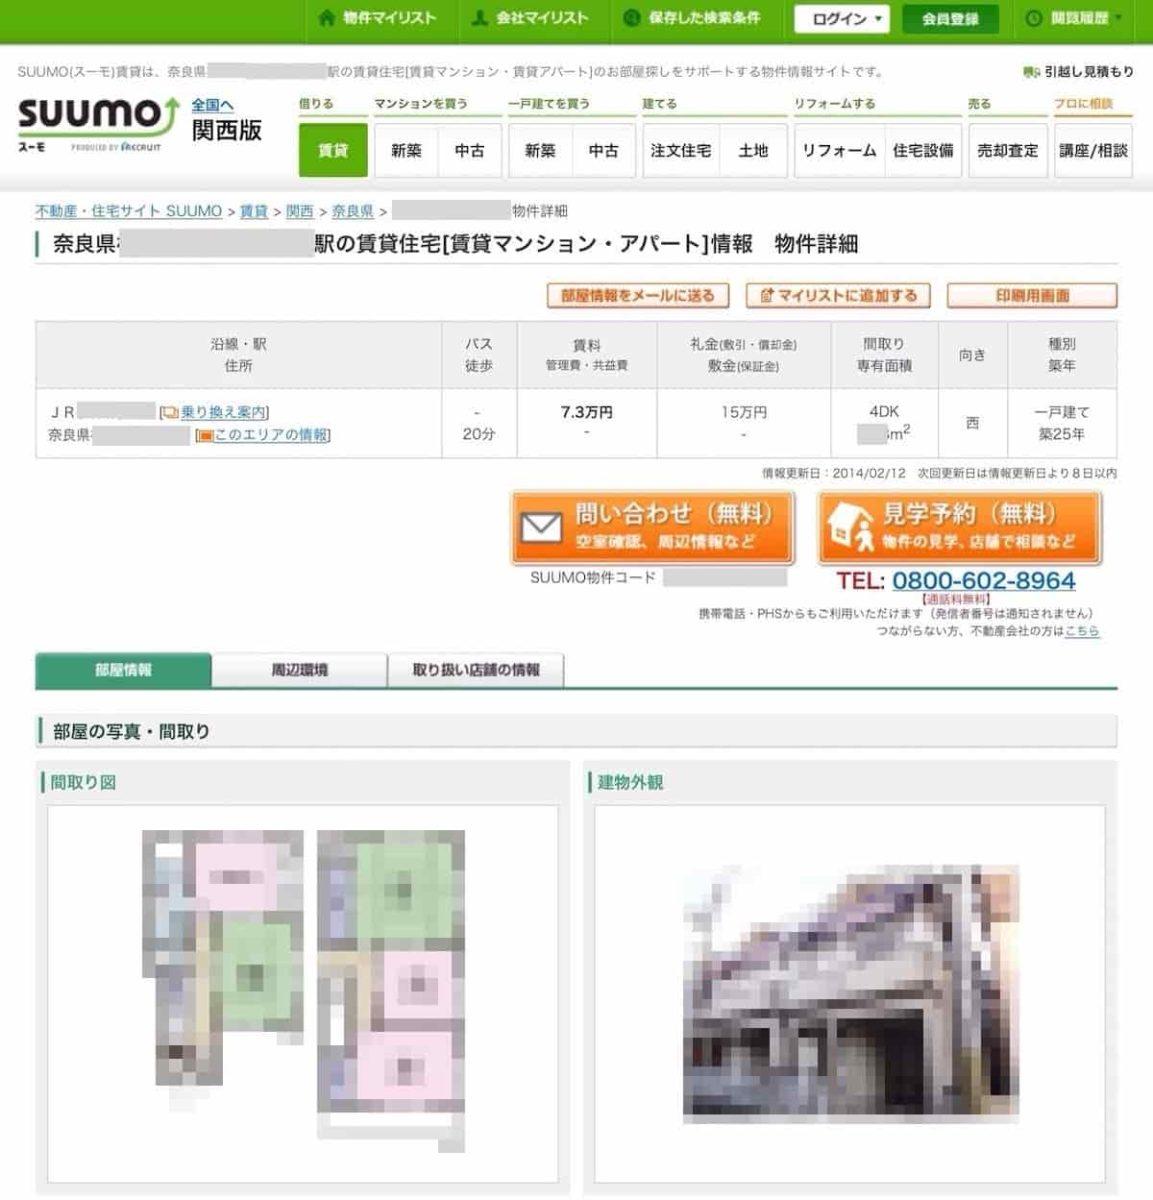 賃貸募集広告(SUUMO)